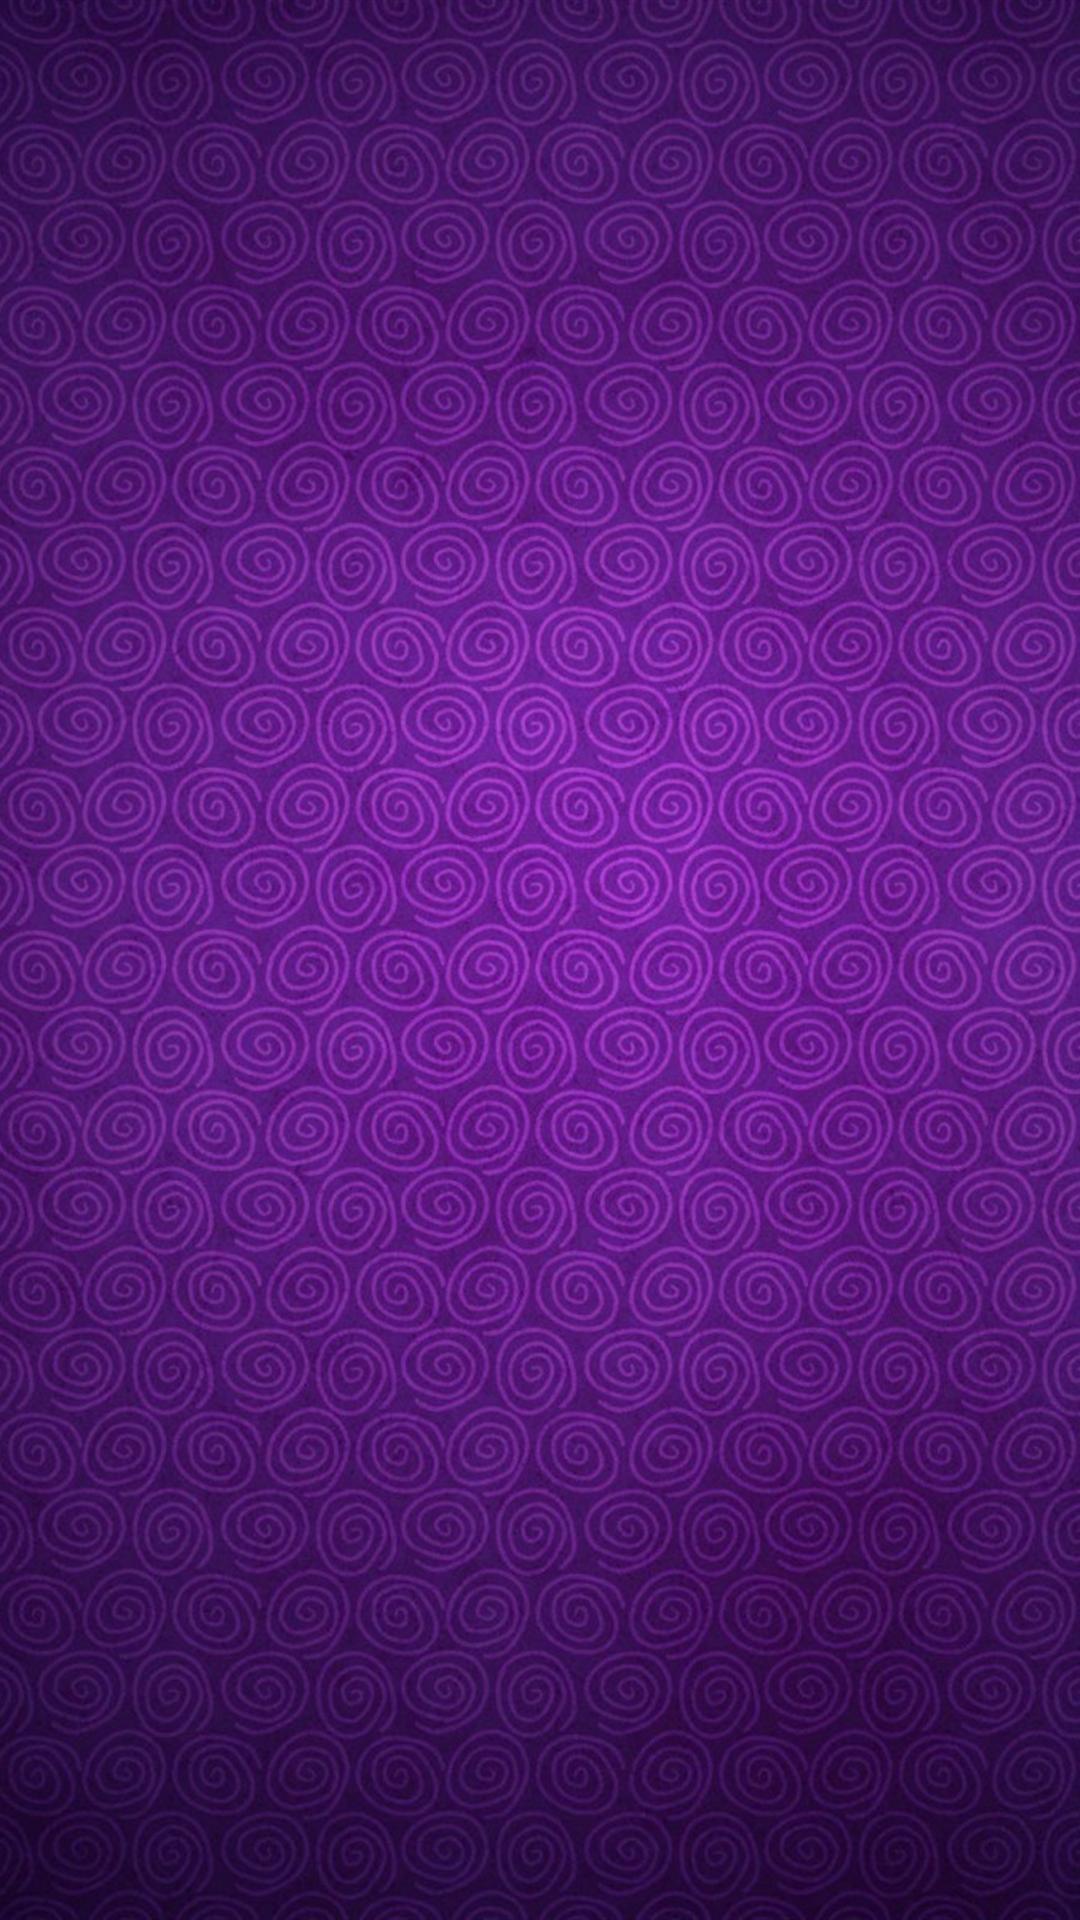 59+ Dark Purple Background